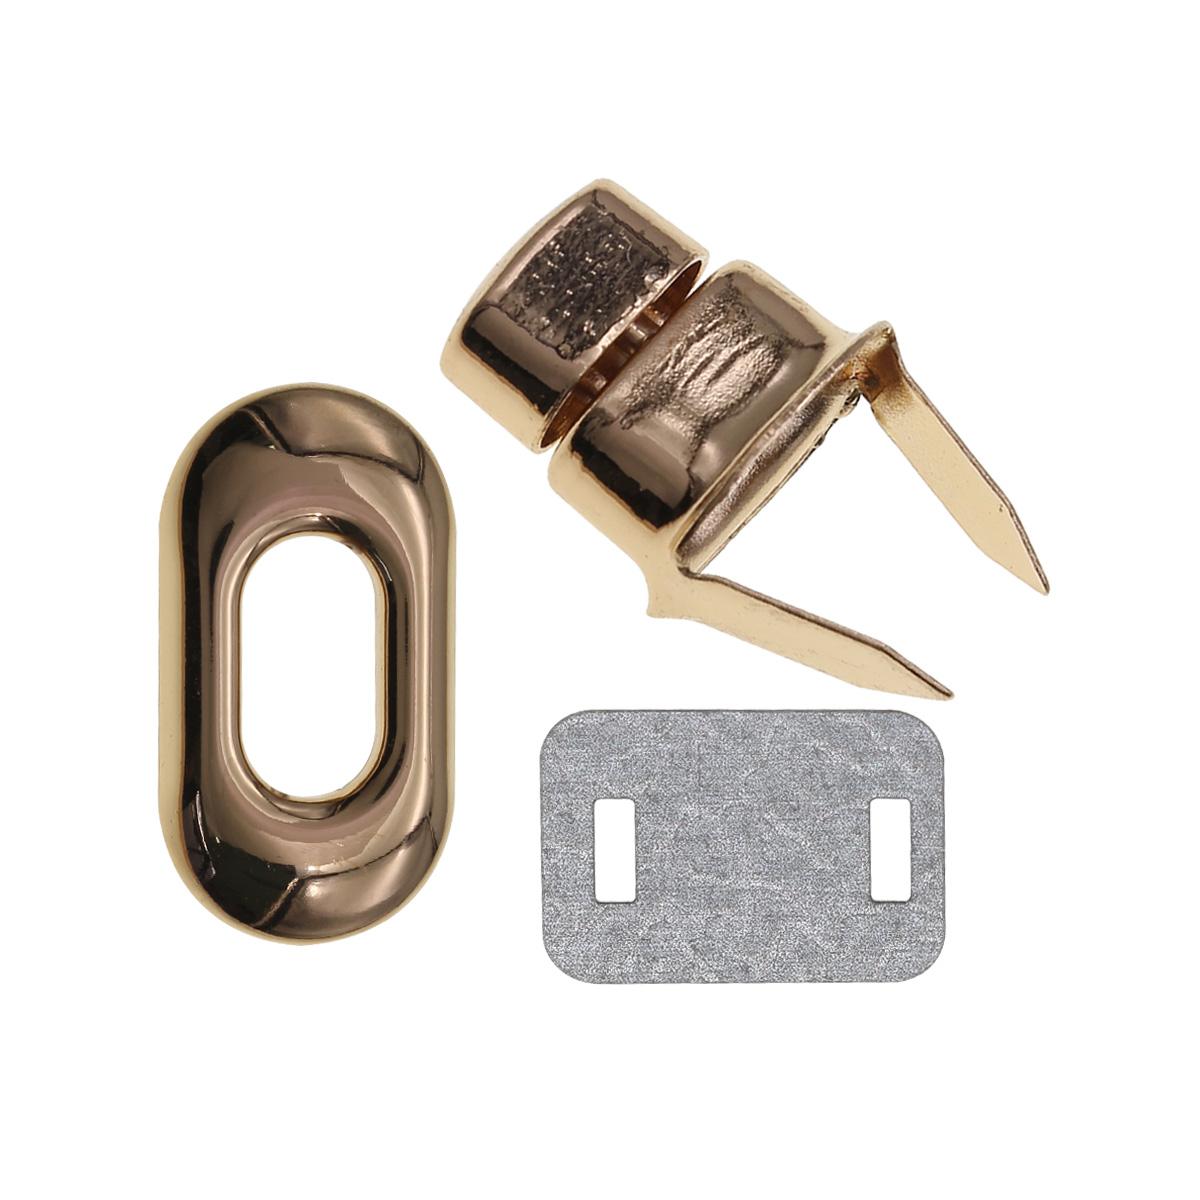 2AR062 Застёжка поворотная для сумки 40*20мм